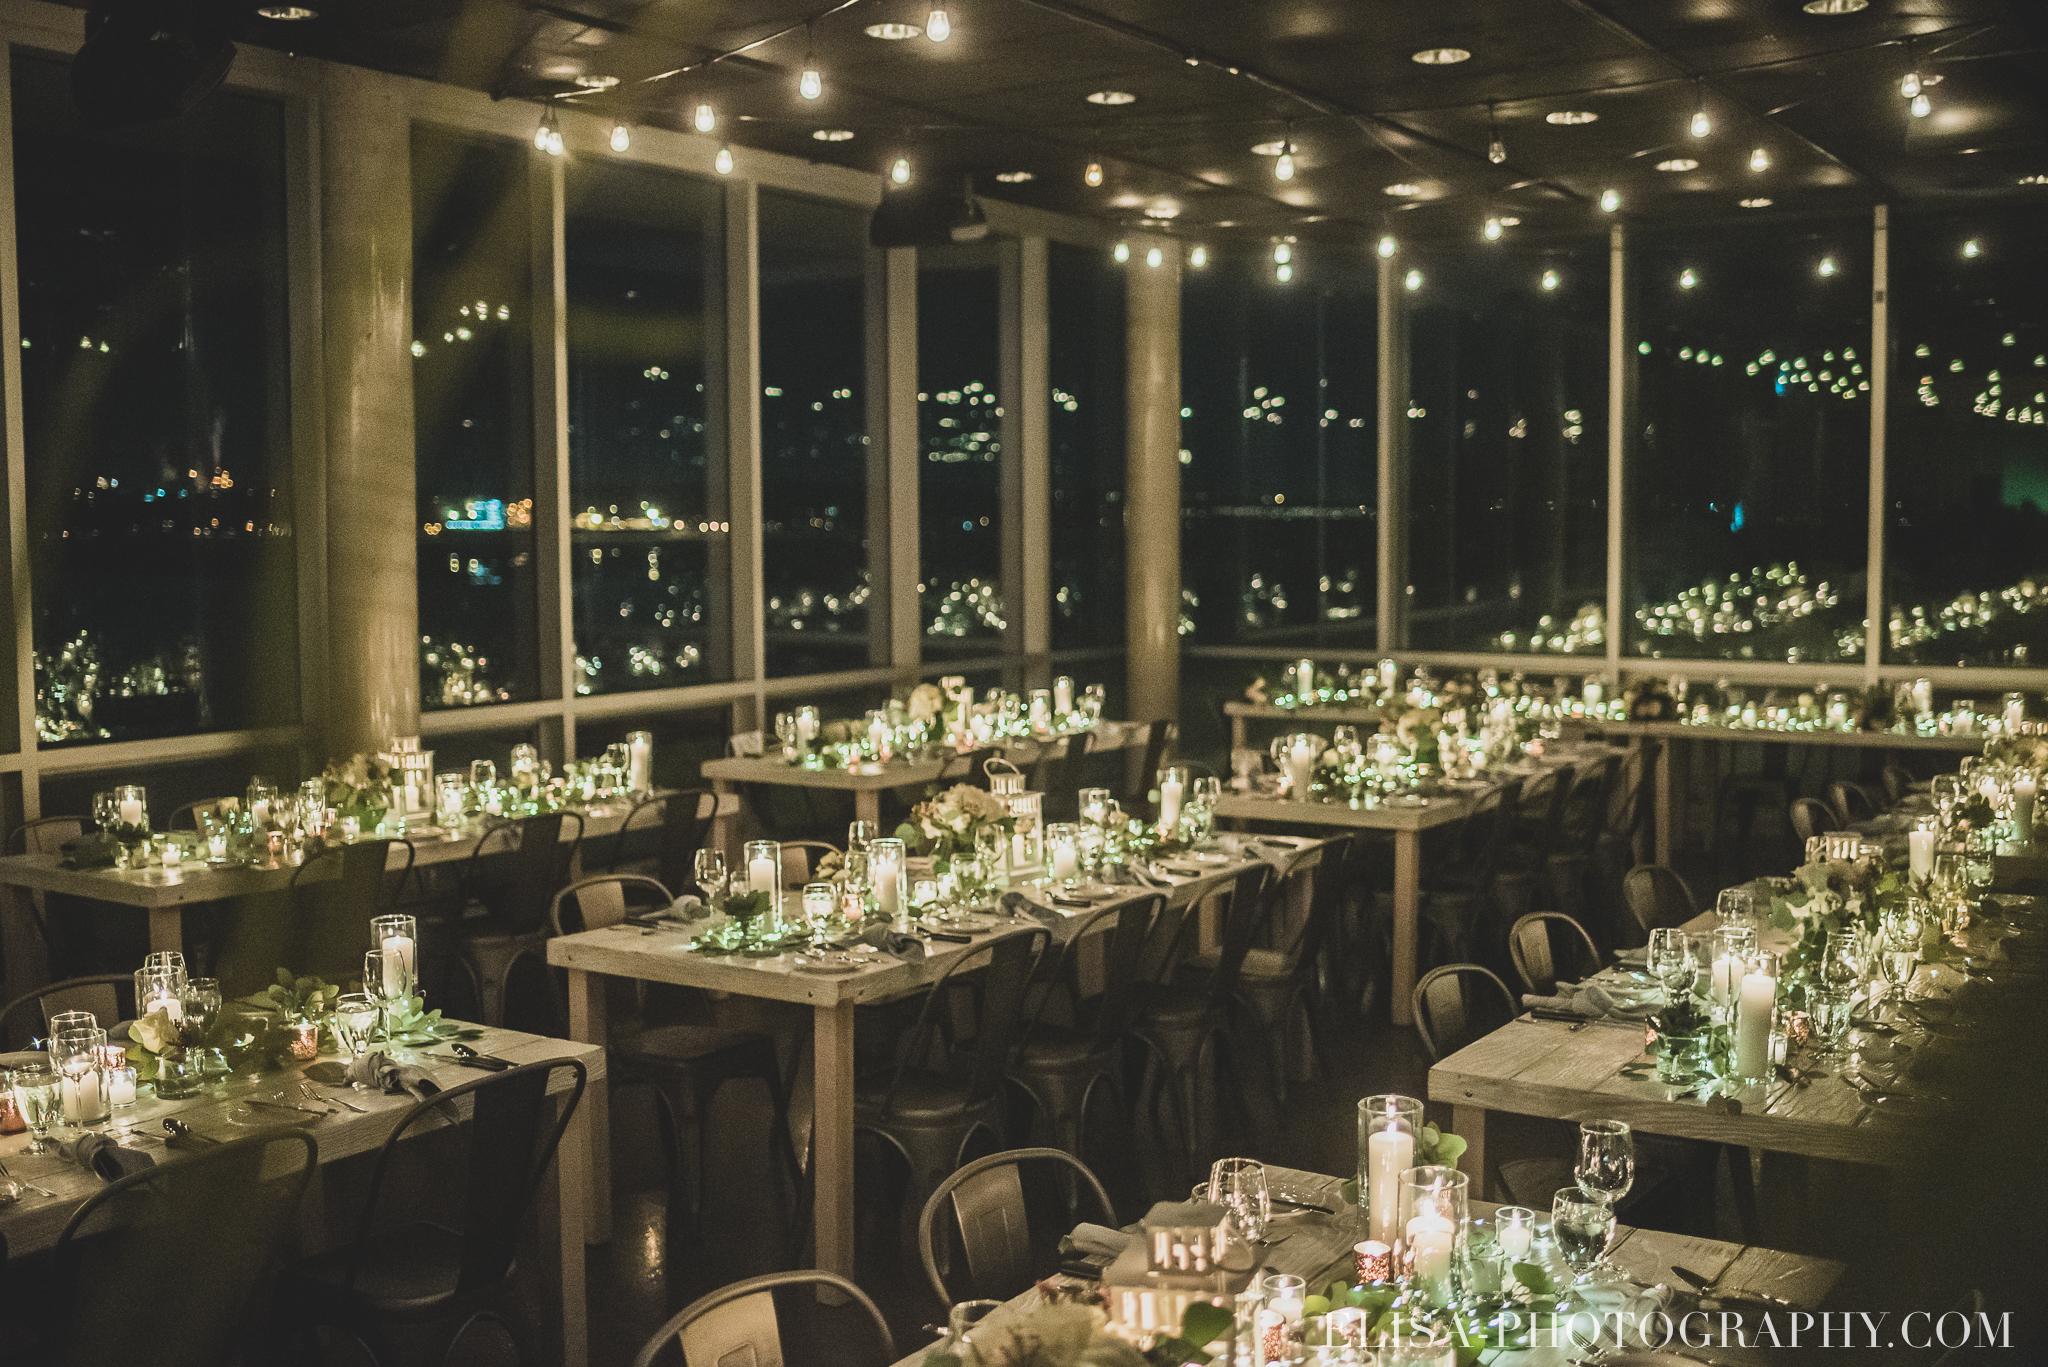 photo mariage hiver salle quai cap blanc port quebec reception table chandelles 3507 - Un chaleureux mariage hivernal à la salle du Quai du Cap Blanc, Québec